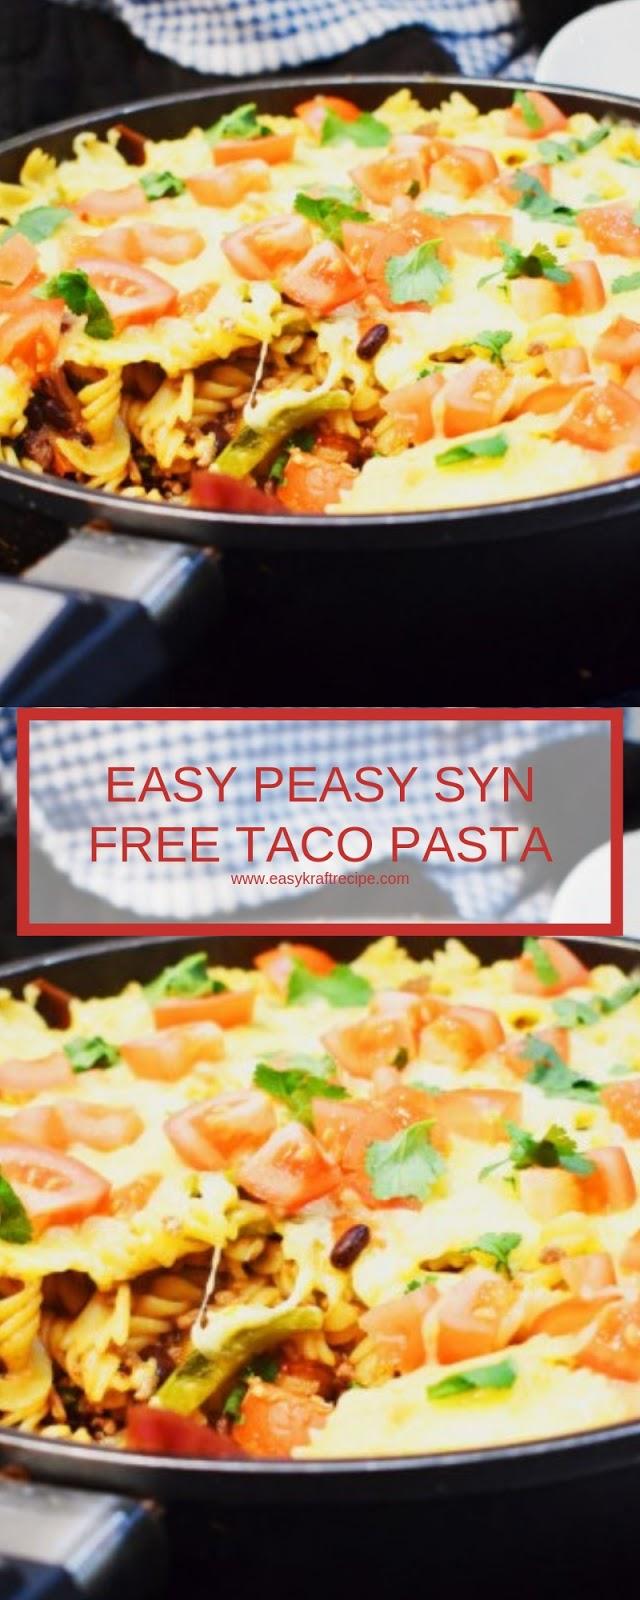 EASY PEASY SYN FREE TACO PASTA